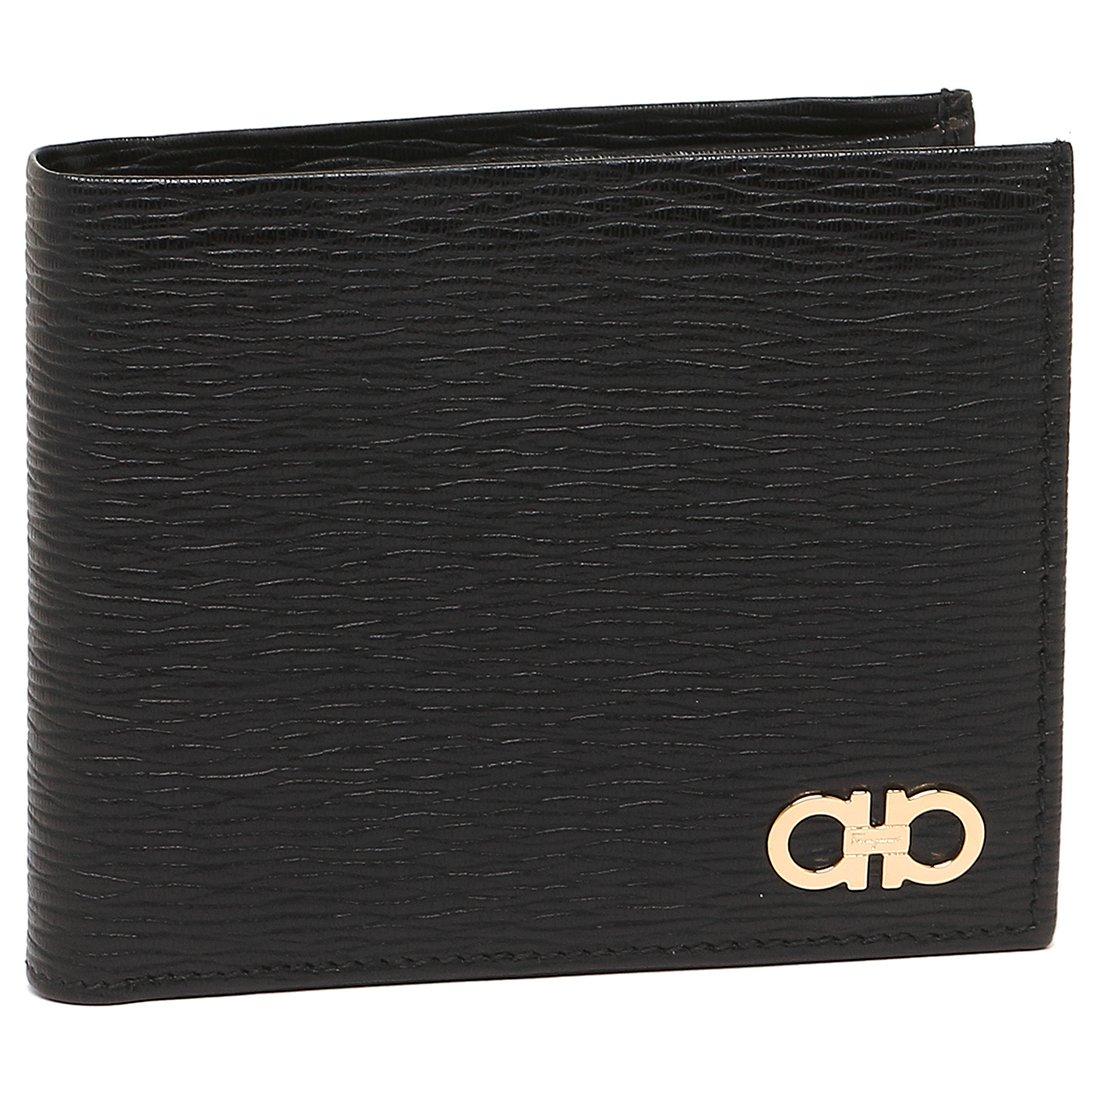 [フェラガモ] 折財布 メンズ Salvatore Ferragamo 66A065 0685980 001 ブラック [並行輸入品] B079GHM9N3